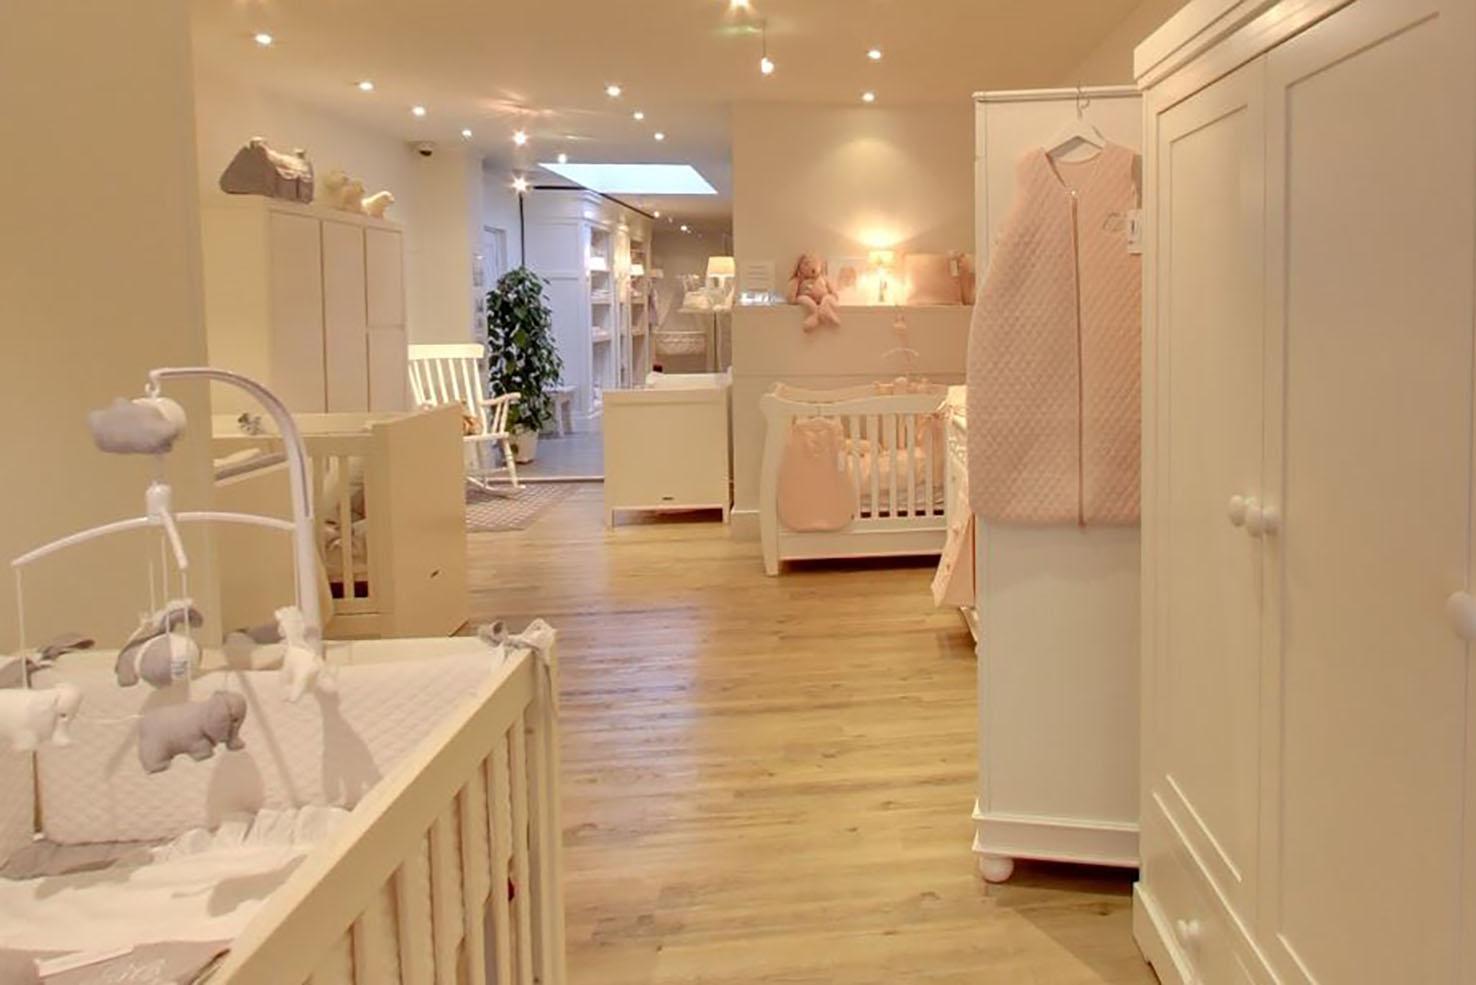 foto's kamers en kinderwagens Baby & Co babyspeciaalzaak